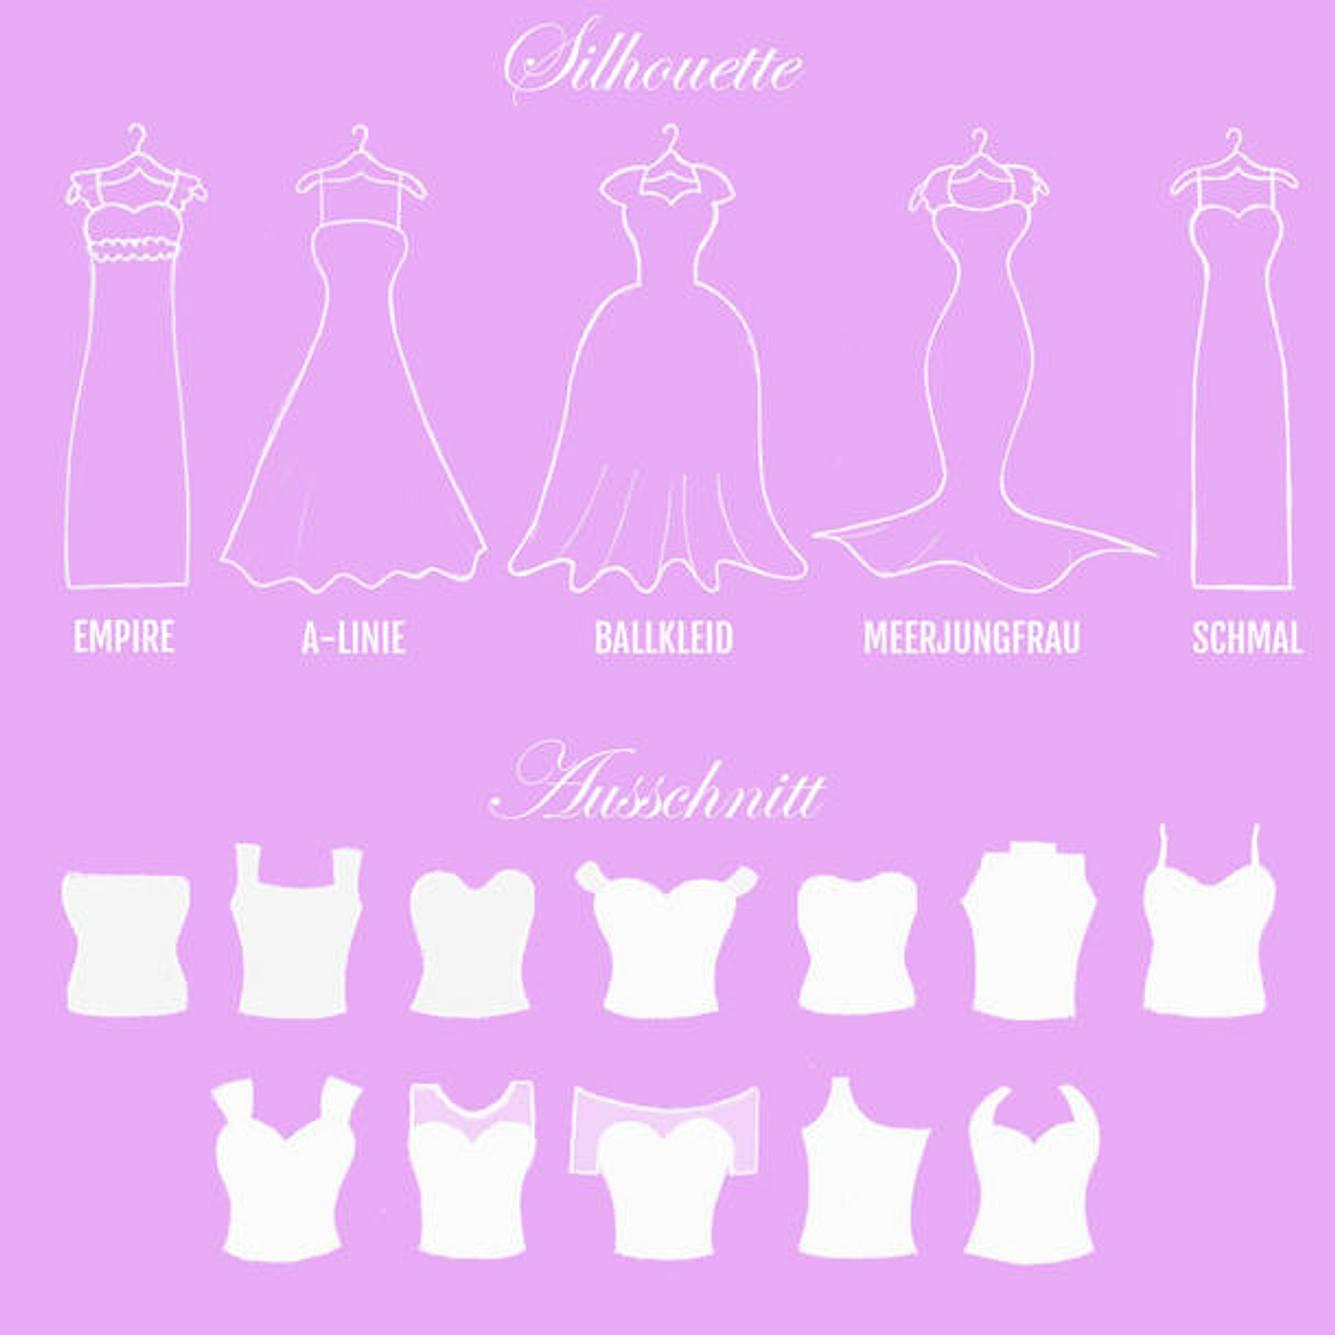 Brautkleider: Dieses Hochzeitskleid passt zu deiner Figur